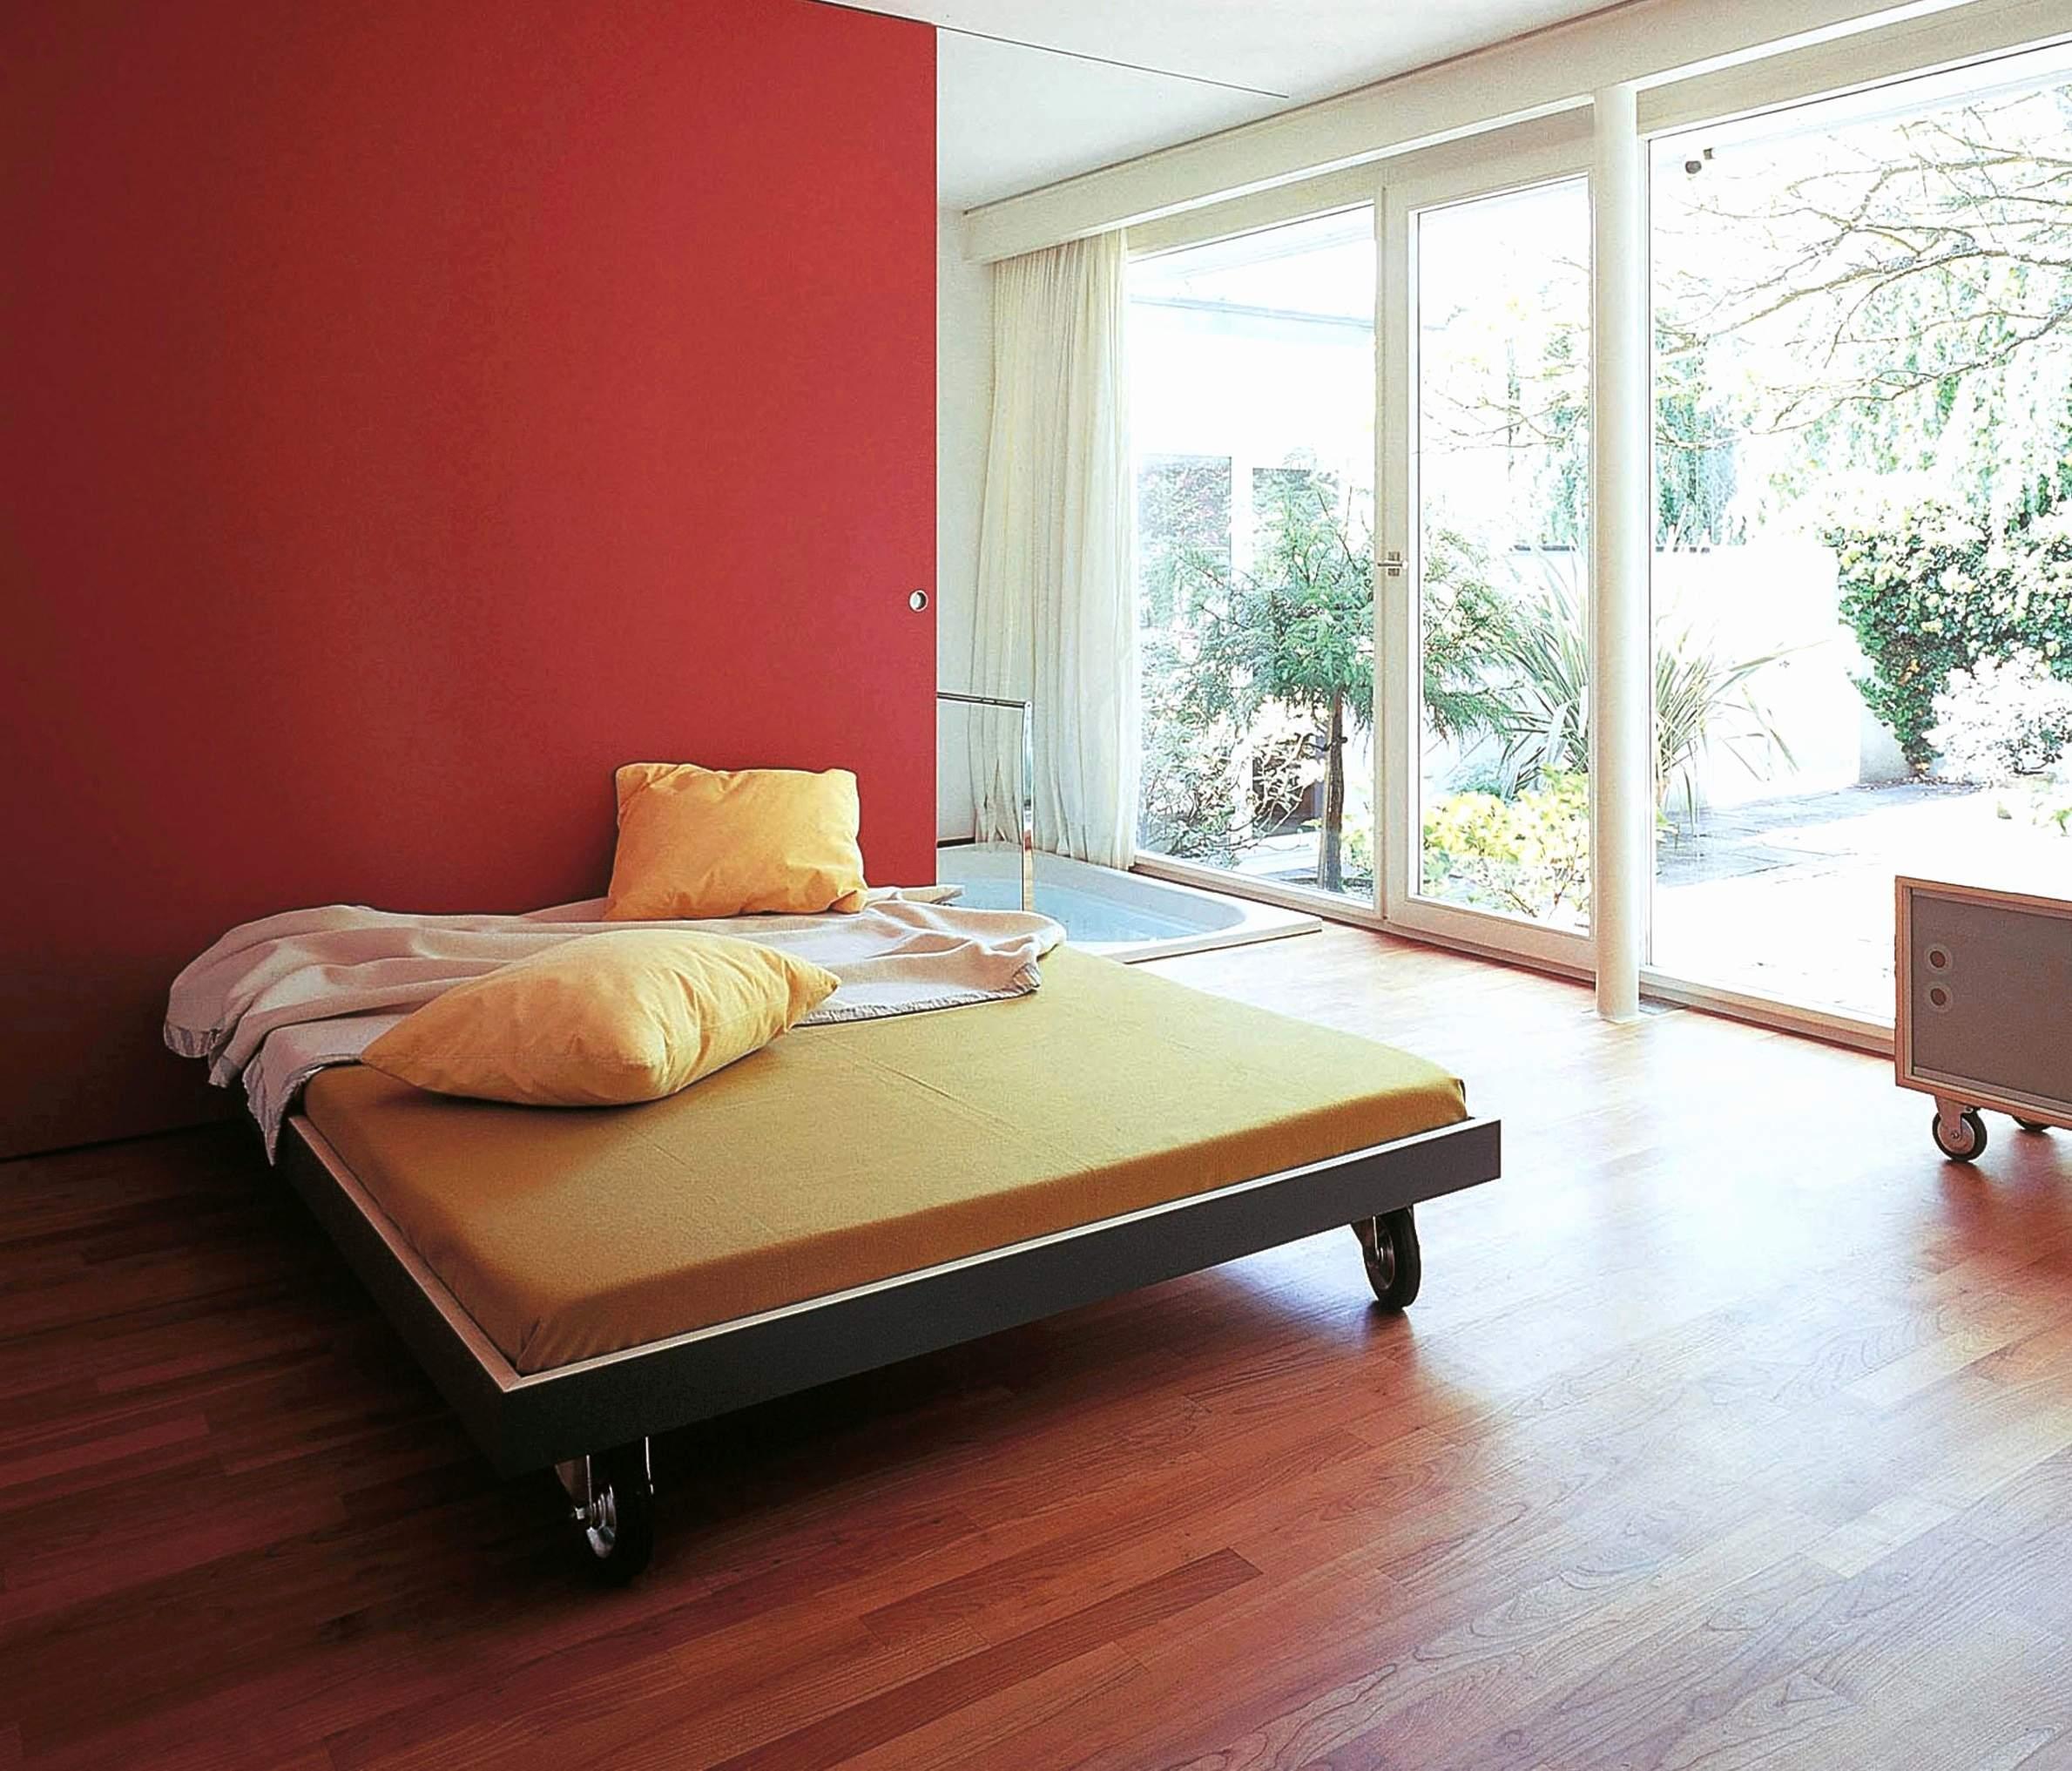 Full Size of Podestbett Ikea Podest Bett Selbst Bauen Mit Stauraum Diy Treppe Selber Küche Kosten Kaufen Modulküche Betten 160x200 Miniküche Bei Sofa Schlaffunktion Wohnzimmer Podestbett Ikea